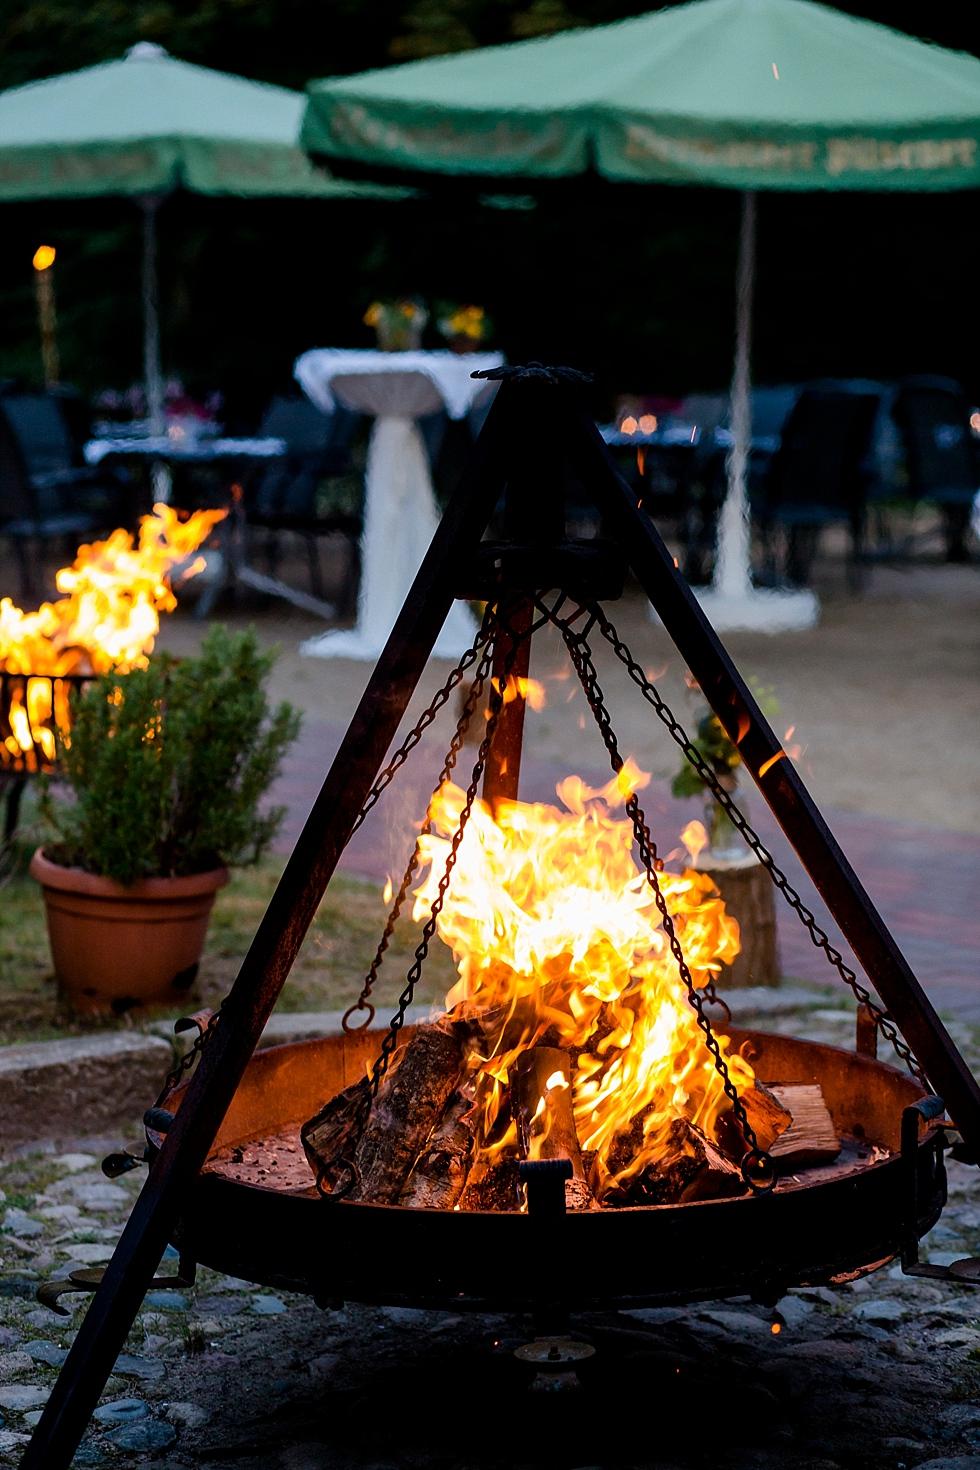 Feuerschale, Feuer, gemütlichkeit, Heiraten im Haverbeckhof Bispingen - Jana Richter fotografie-59.jpg